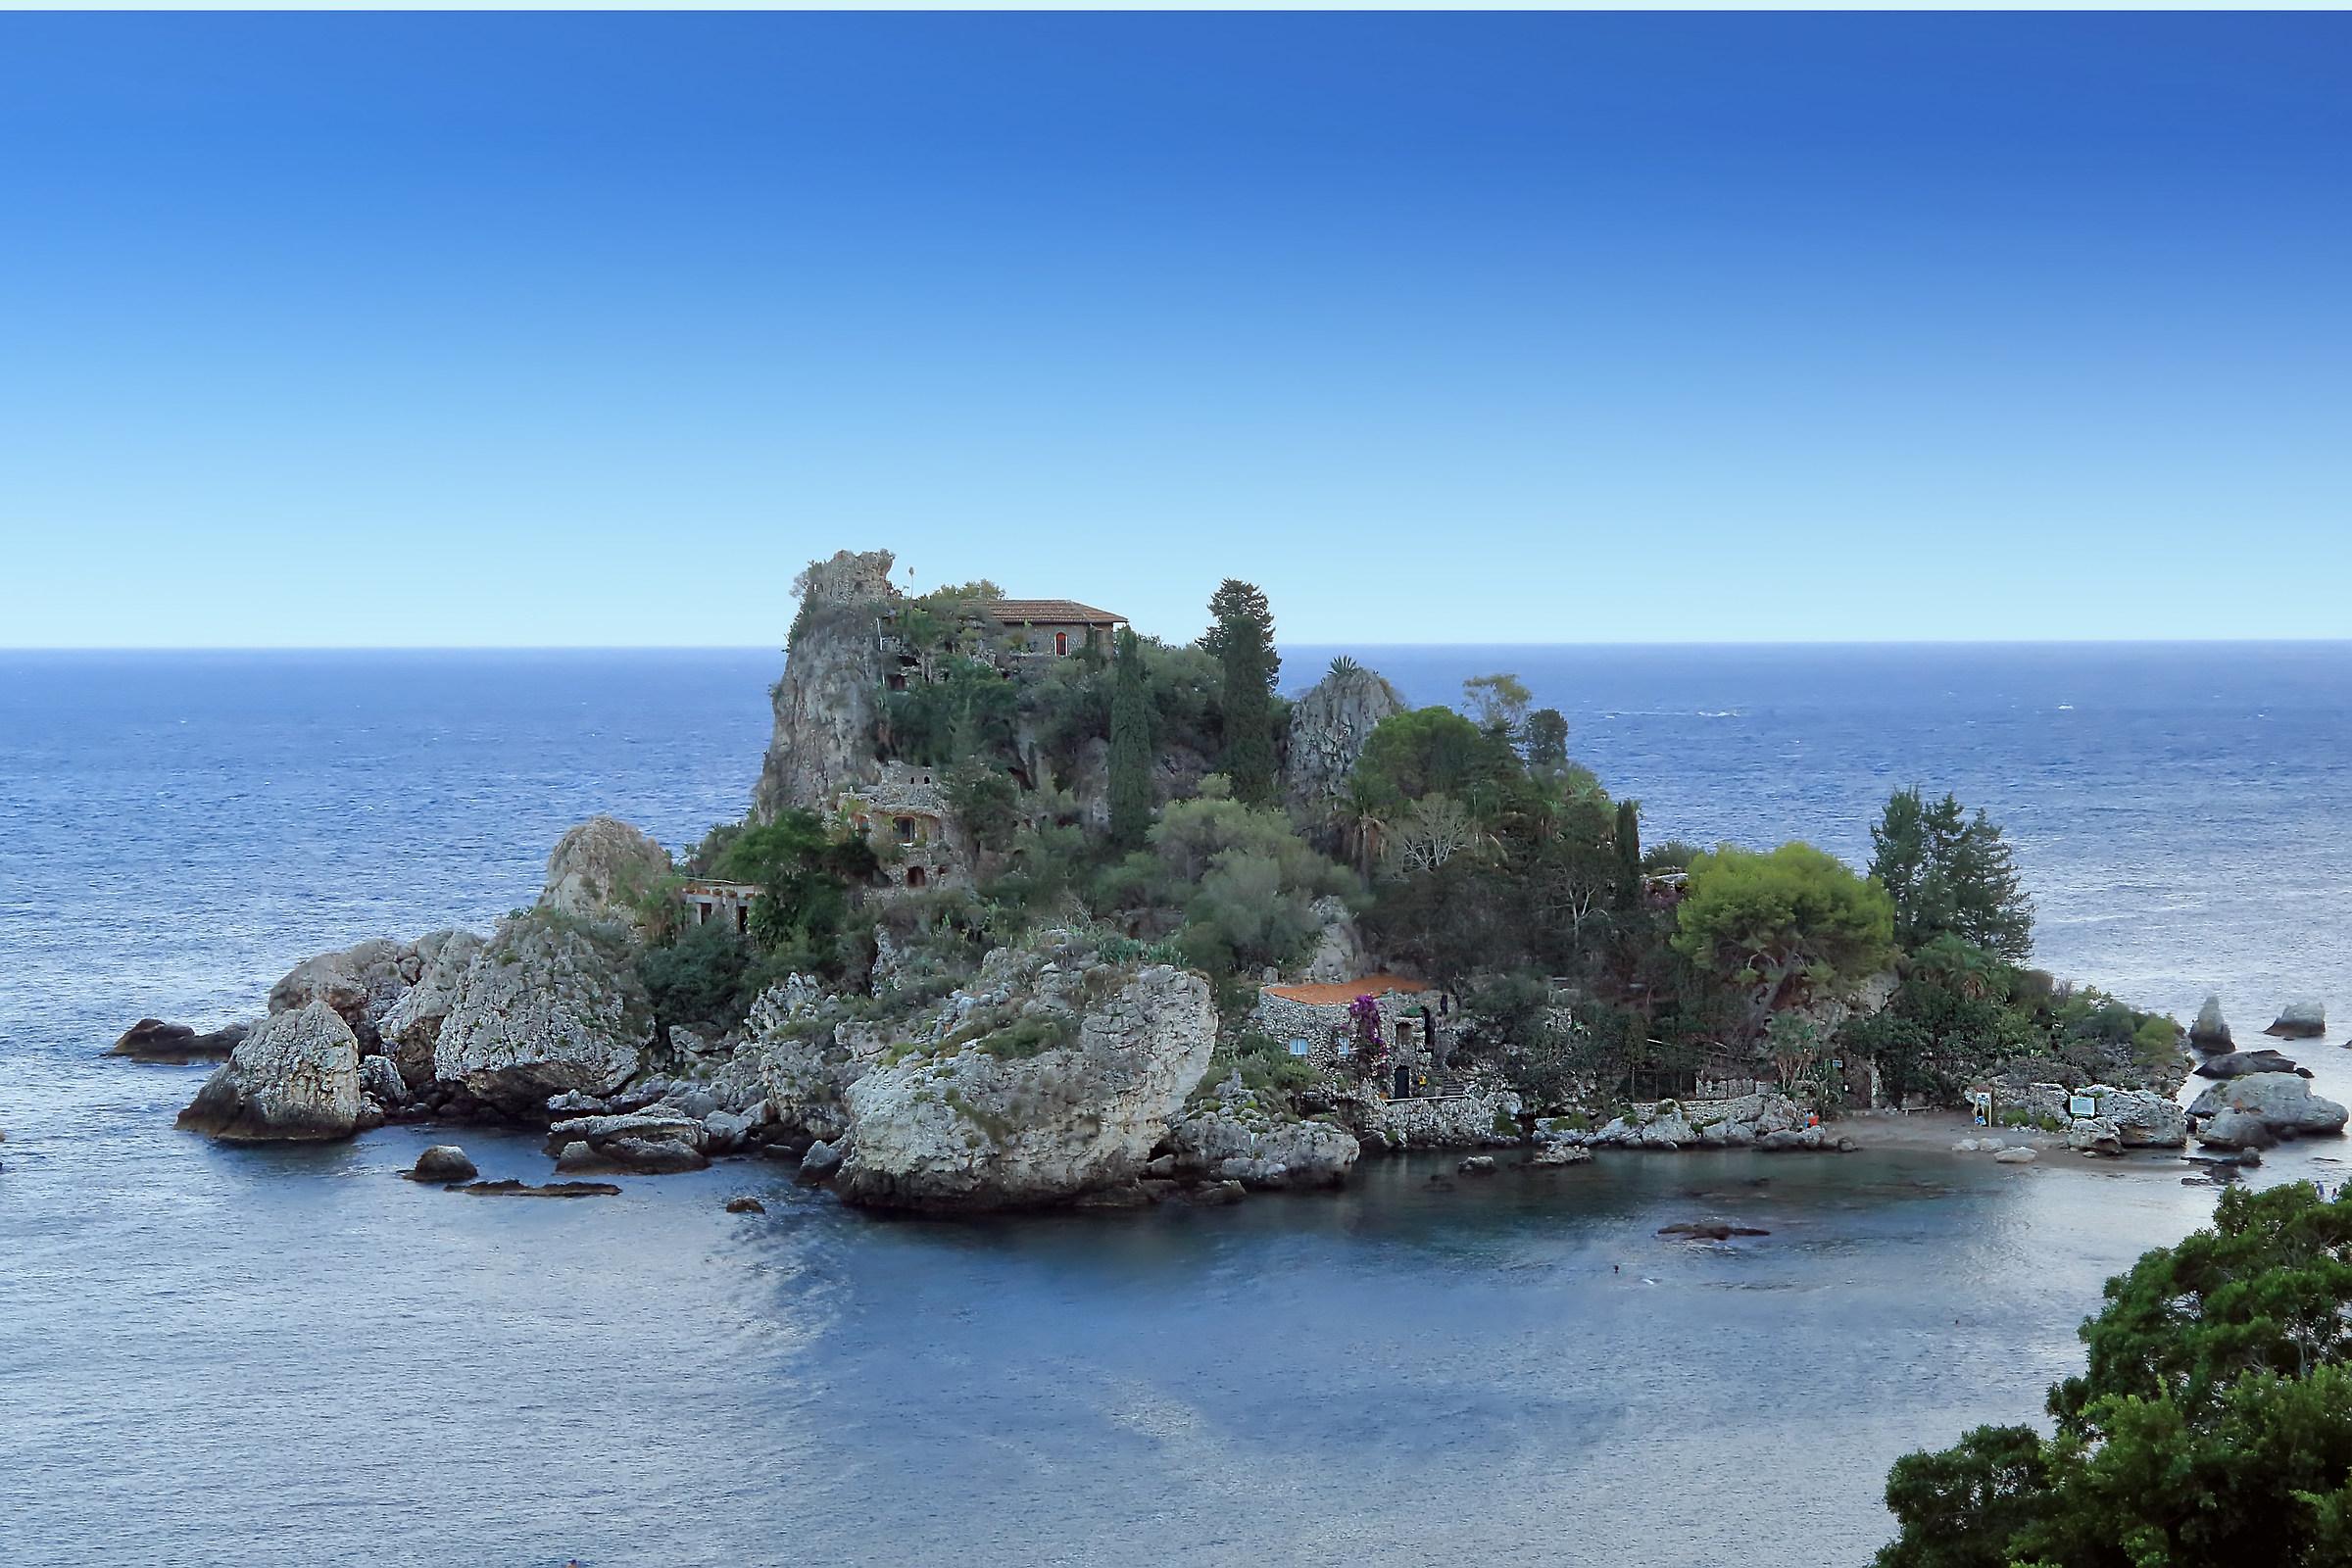 L'isola Bella (isula Bedda in siciliano)...